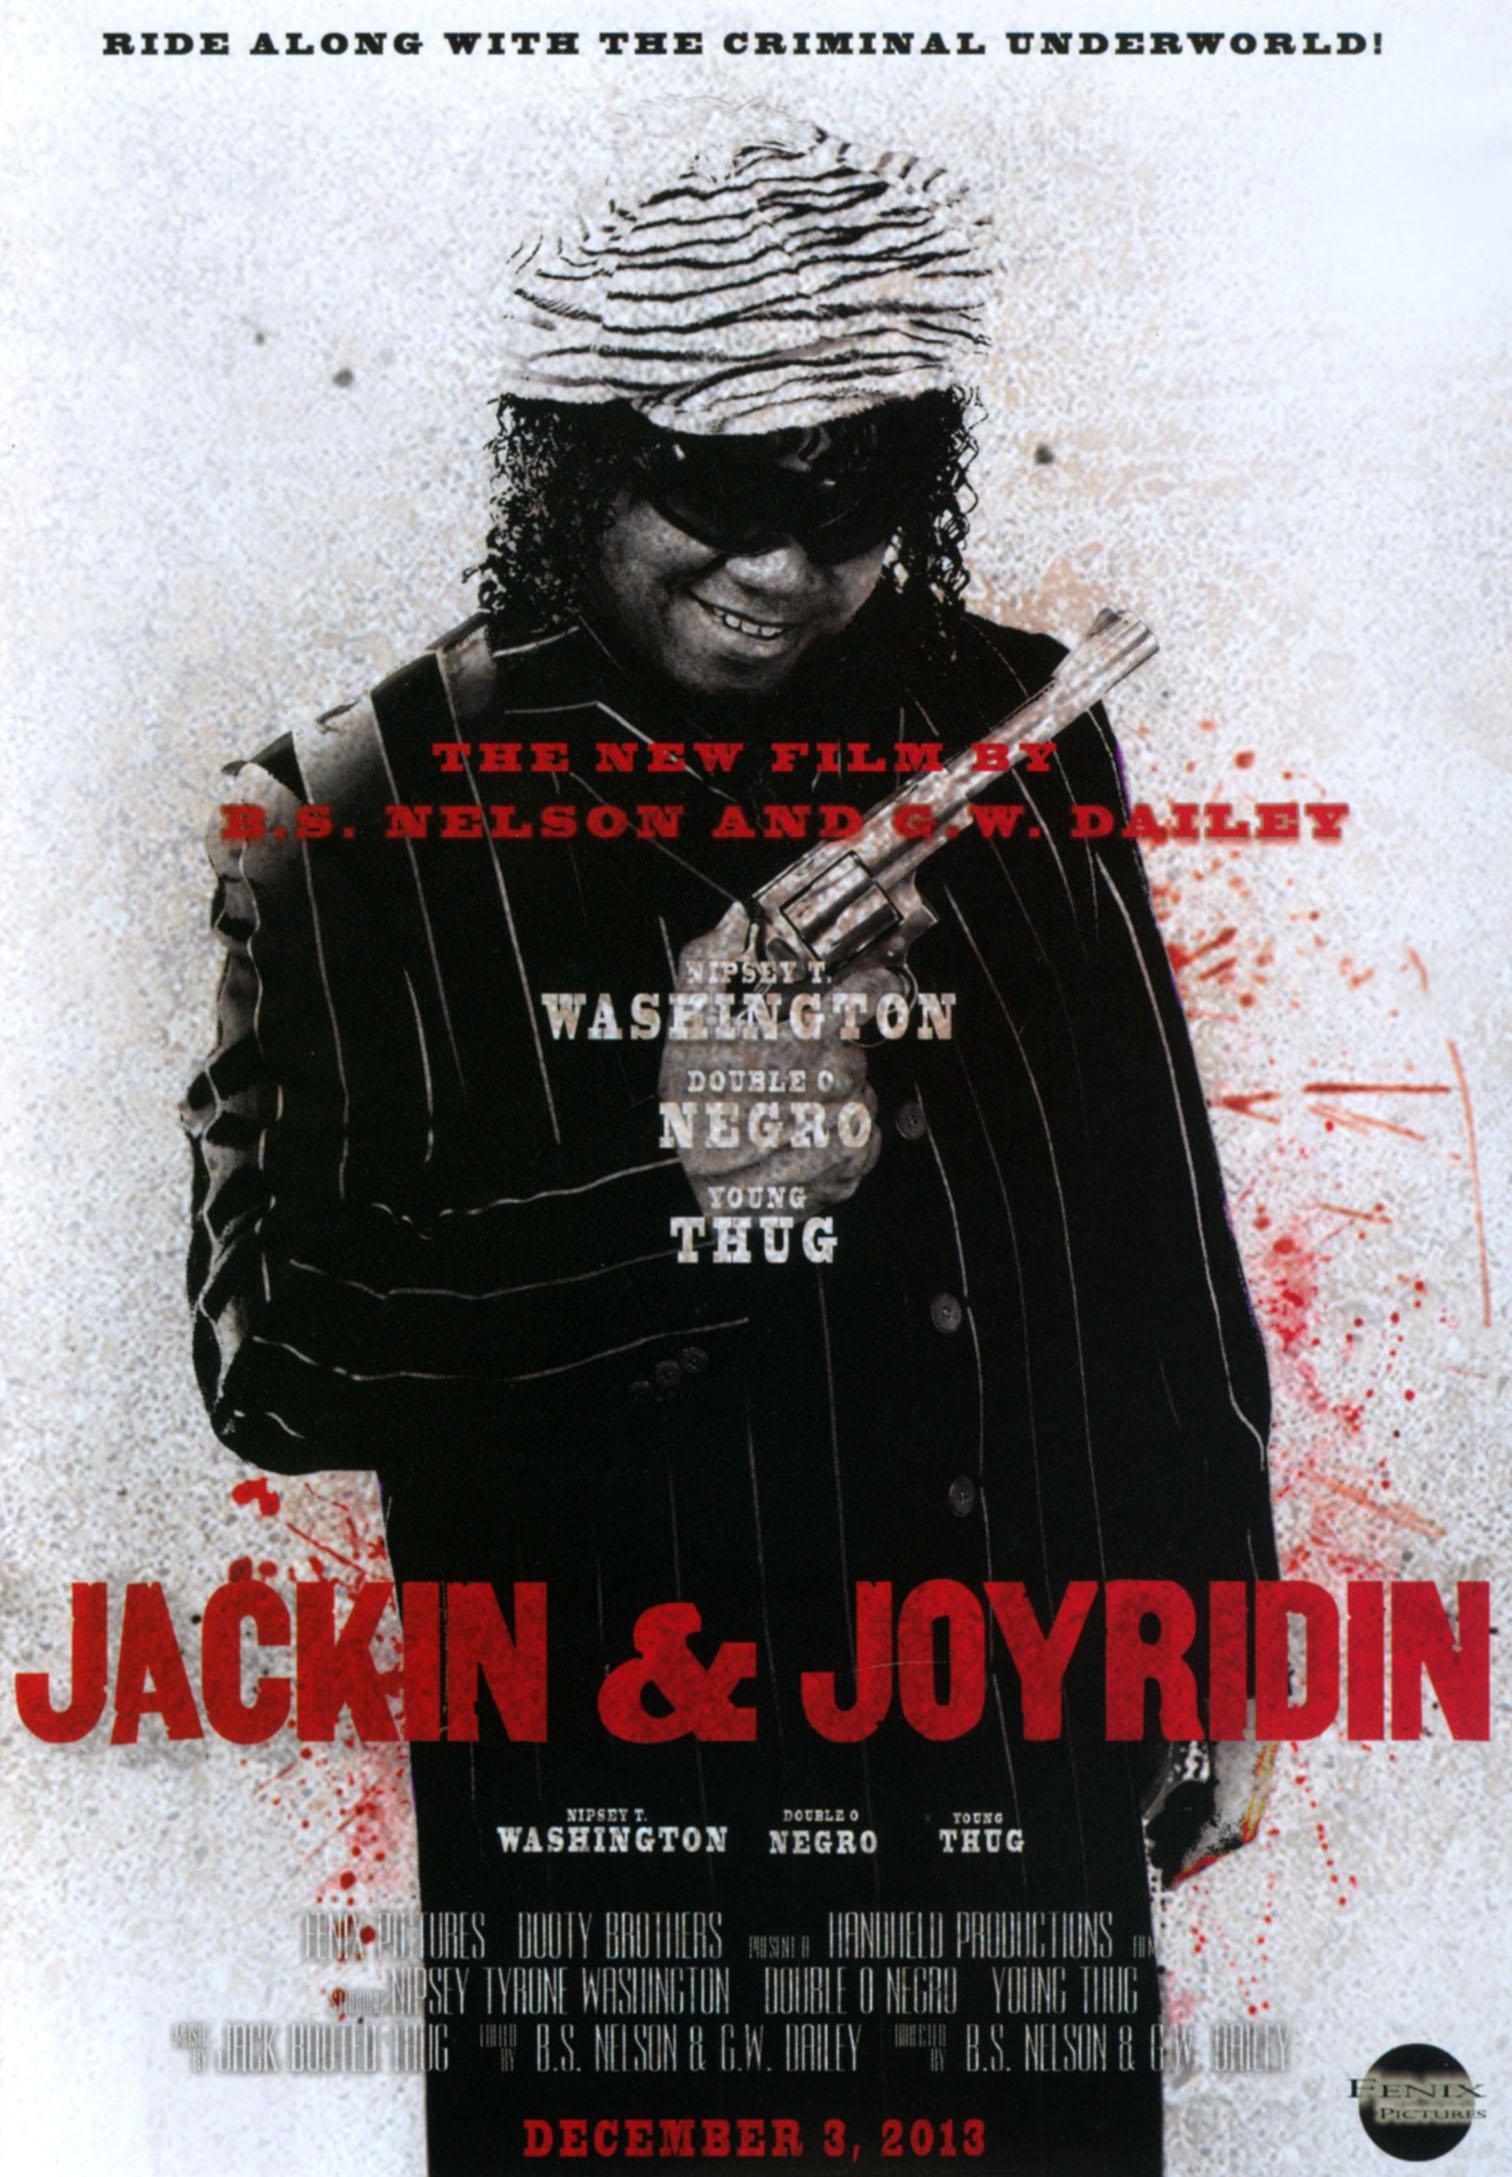 Jackin' & Joyridin'